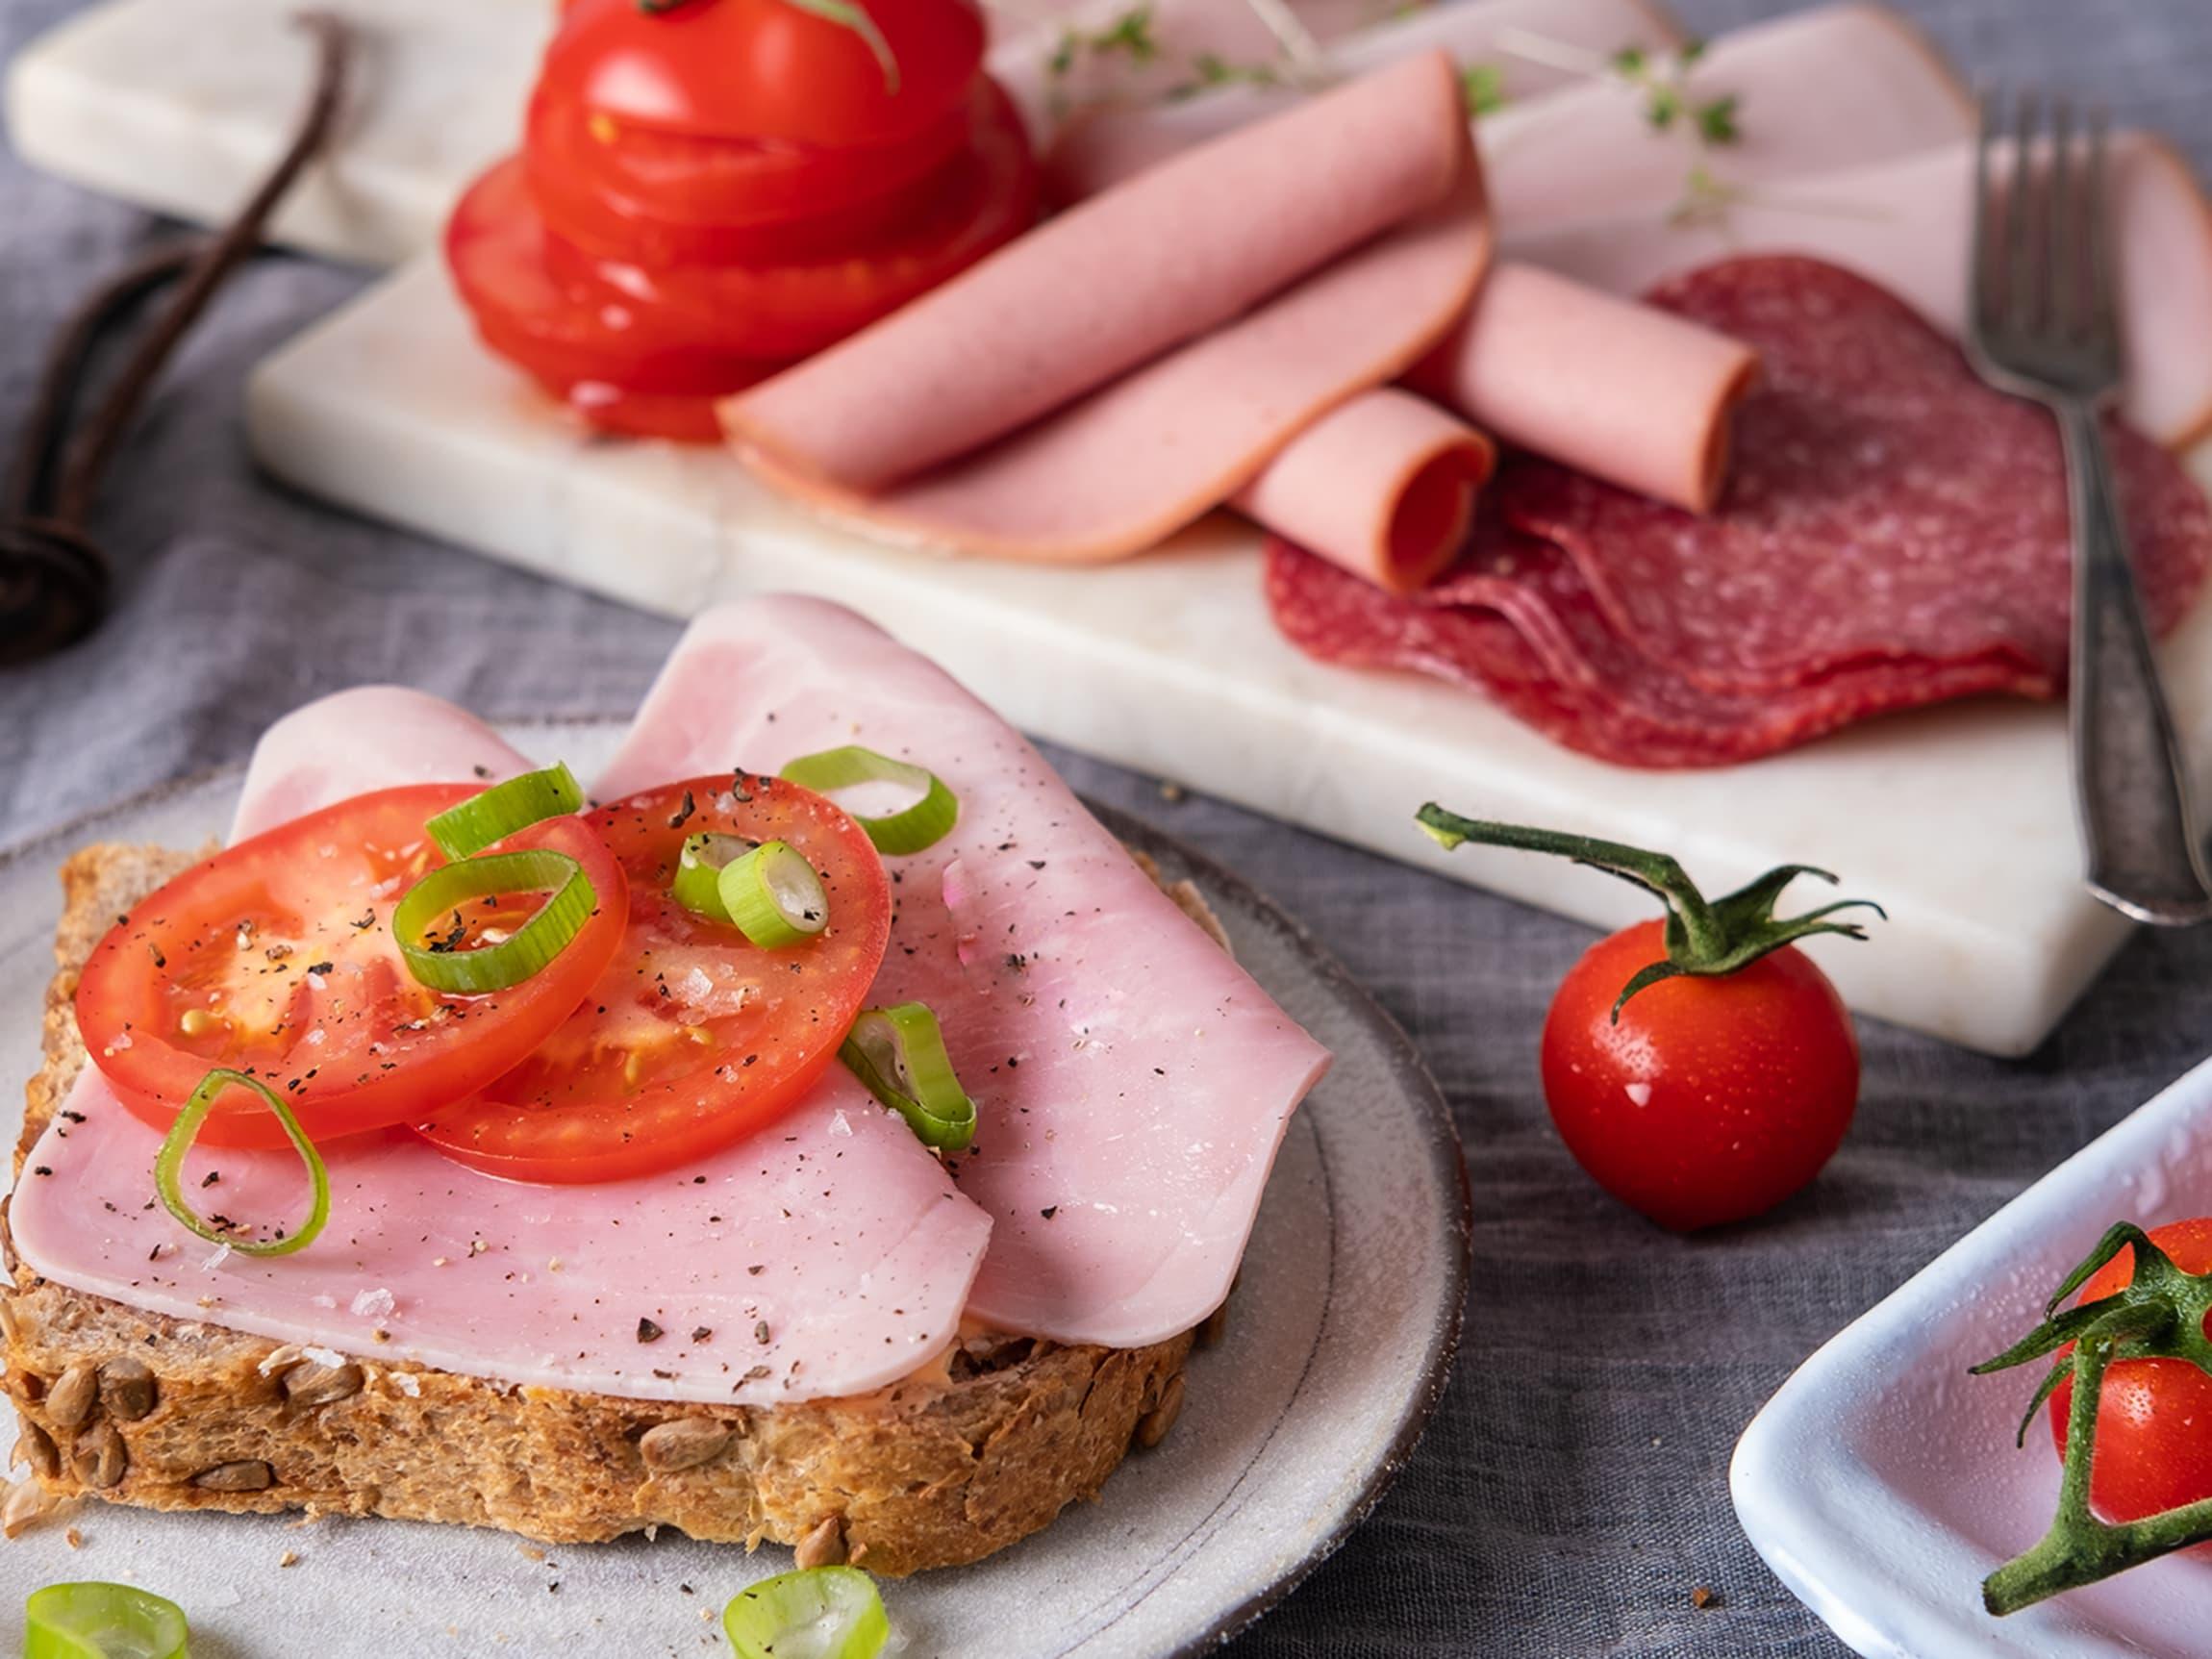 Ferskt brød med godt pålegg og tomater hører til helgefrokosten.